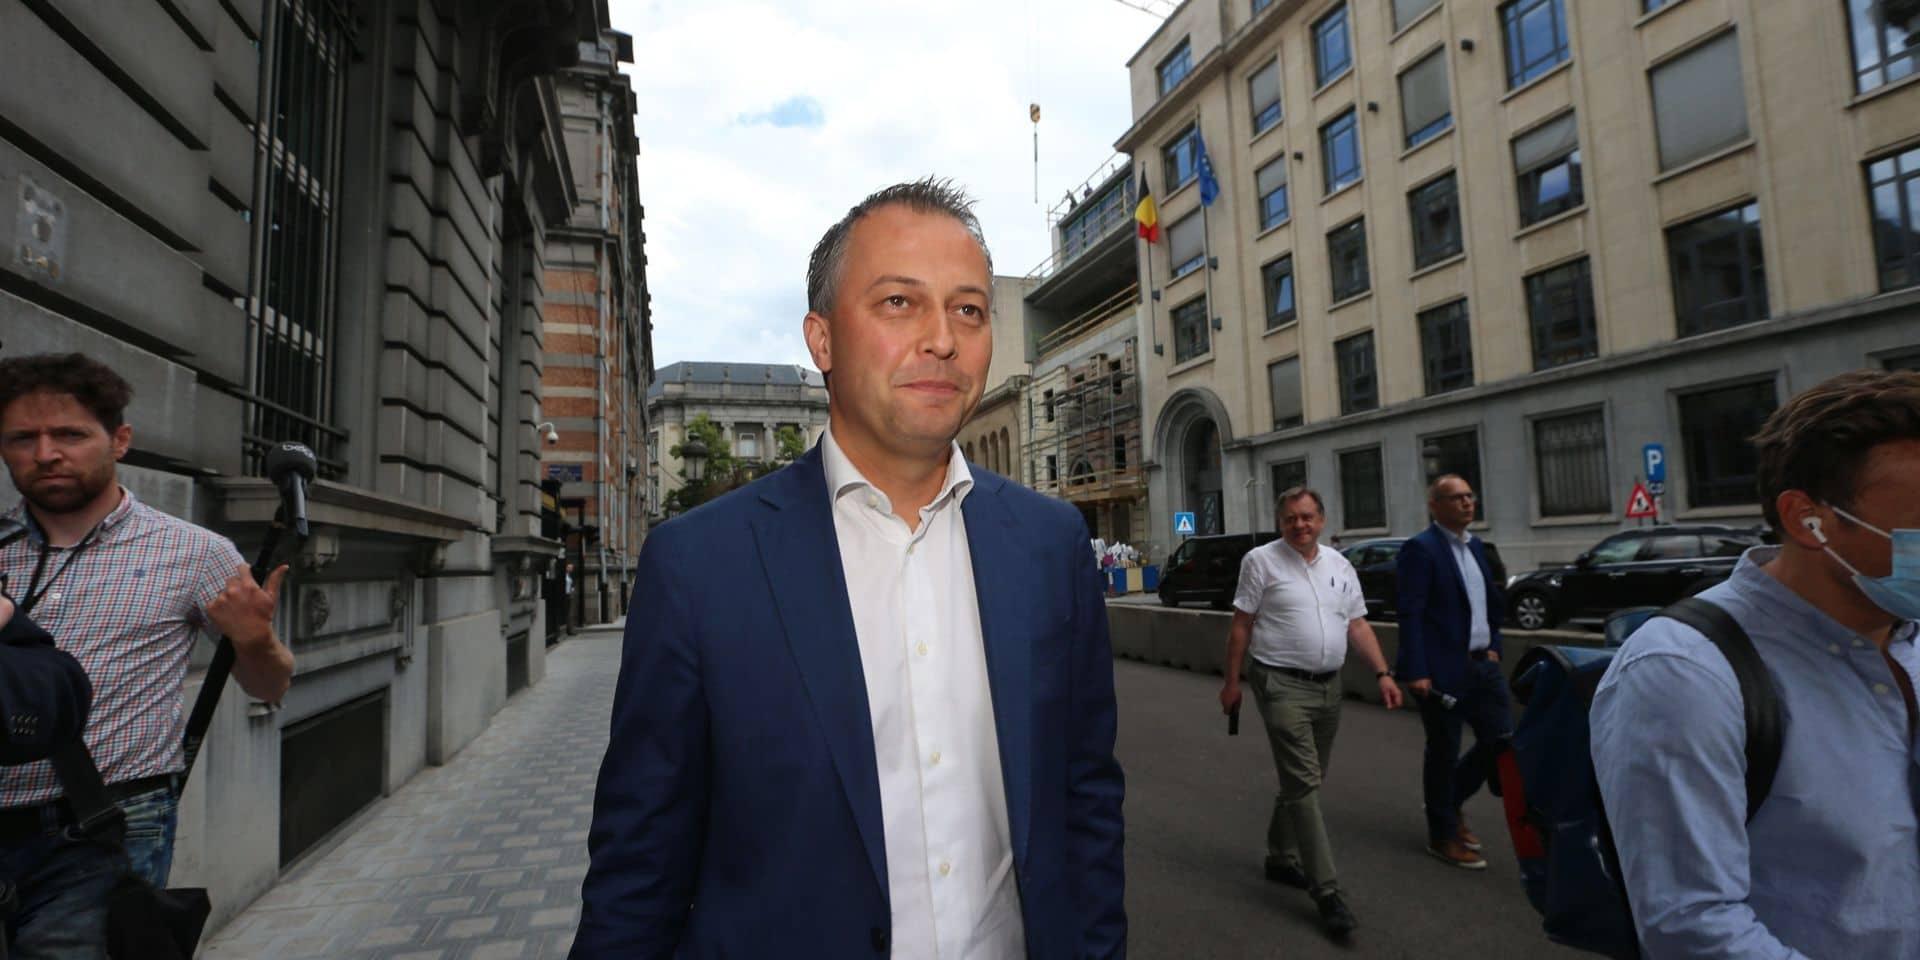 """Lachaert répond à De Wever: """"L'IVG n'a rien à voir avec le gouvernement de relance socio-économique dont notre pays a tant besoin"""""""